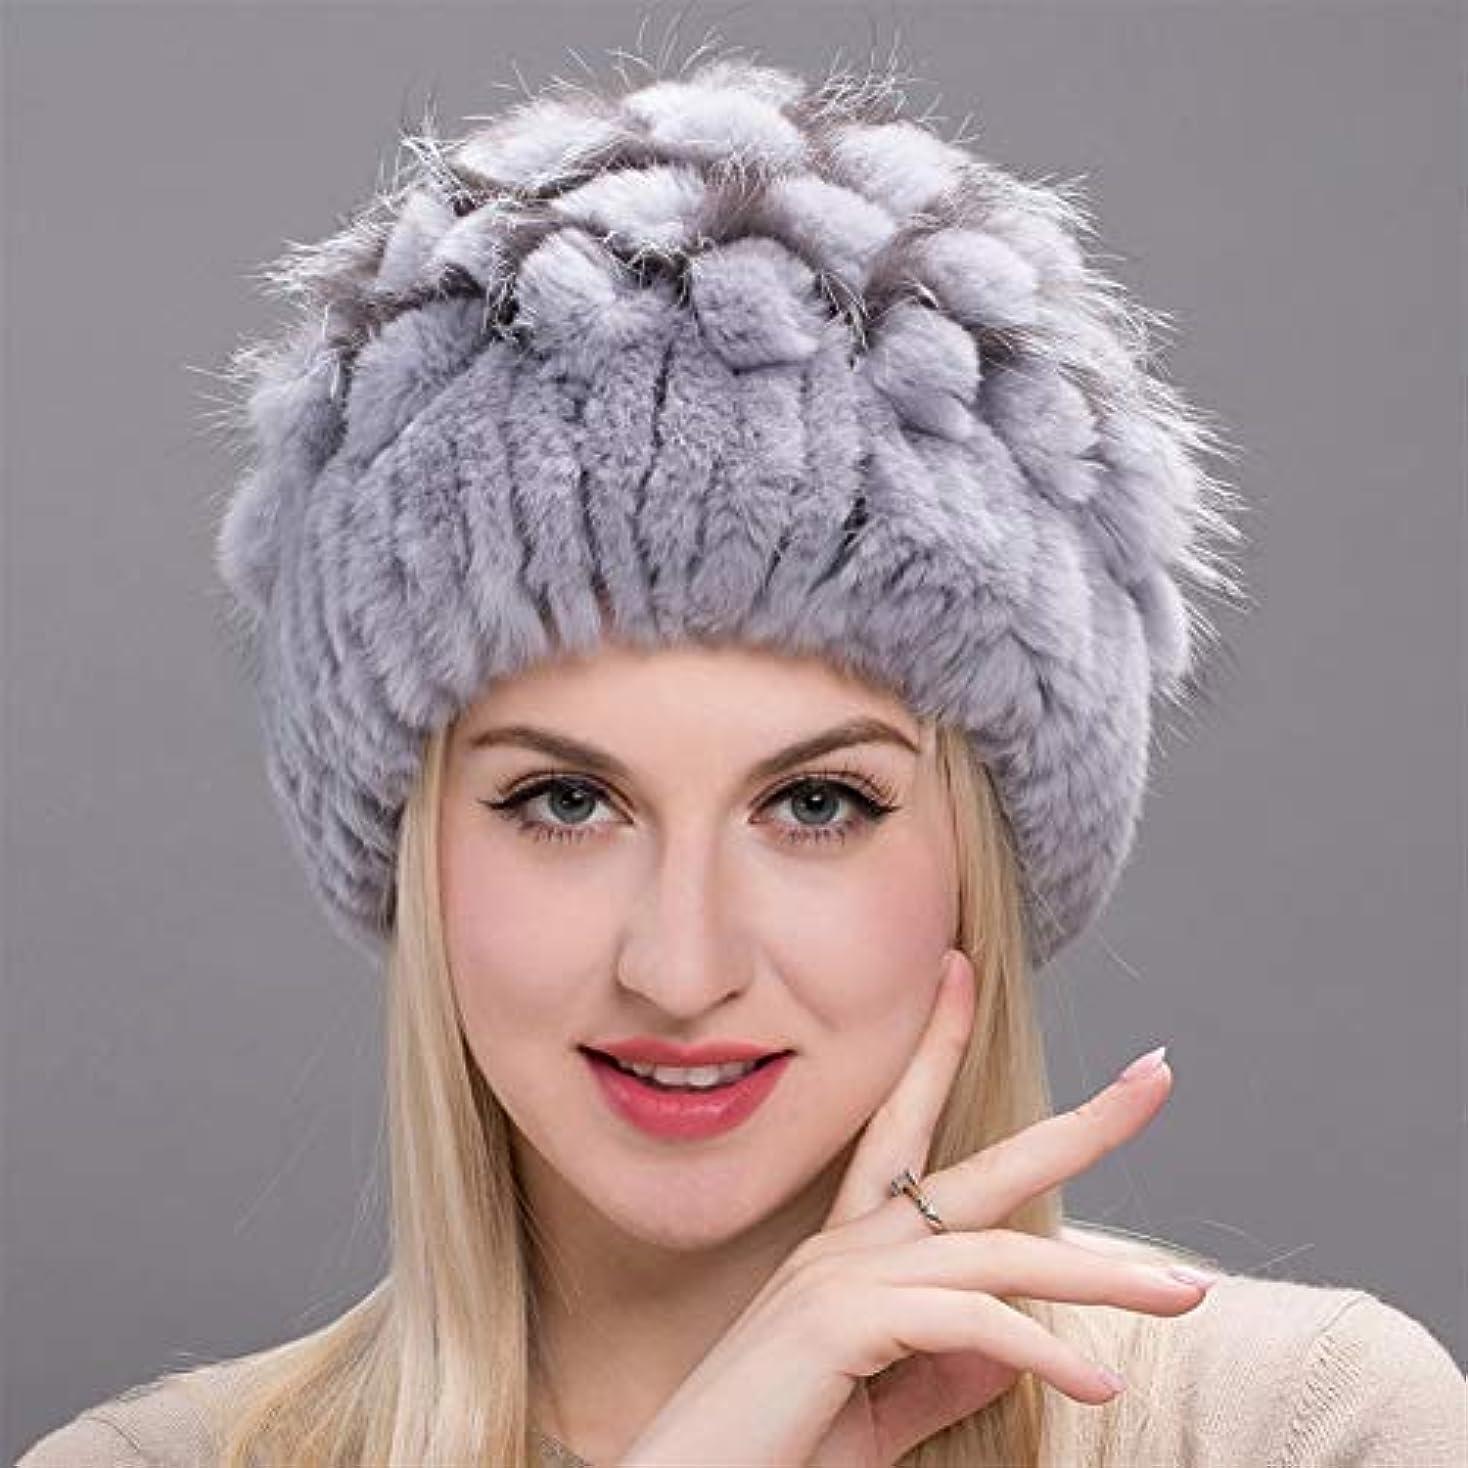 よく話される親指憧れACAO 草キツネの毛皮イヤーキャップファッション花ヘッダーキャップのさん冬のウサギの毛皮の帽子幅のストリップ (色 : Gray, Size : M)